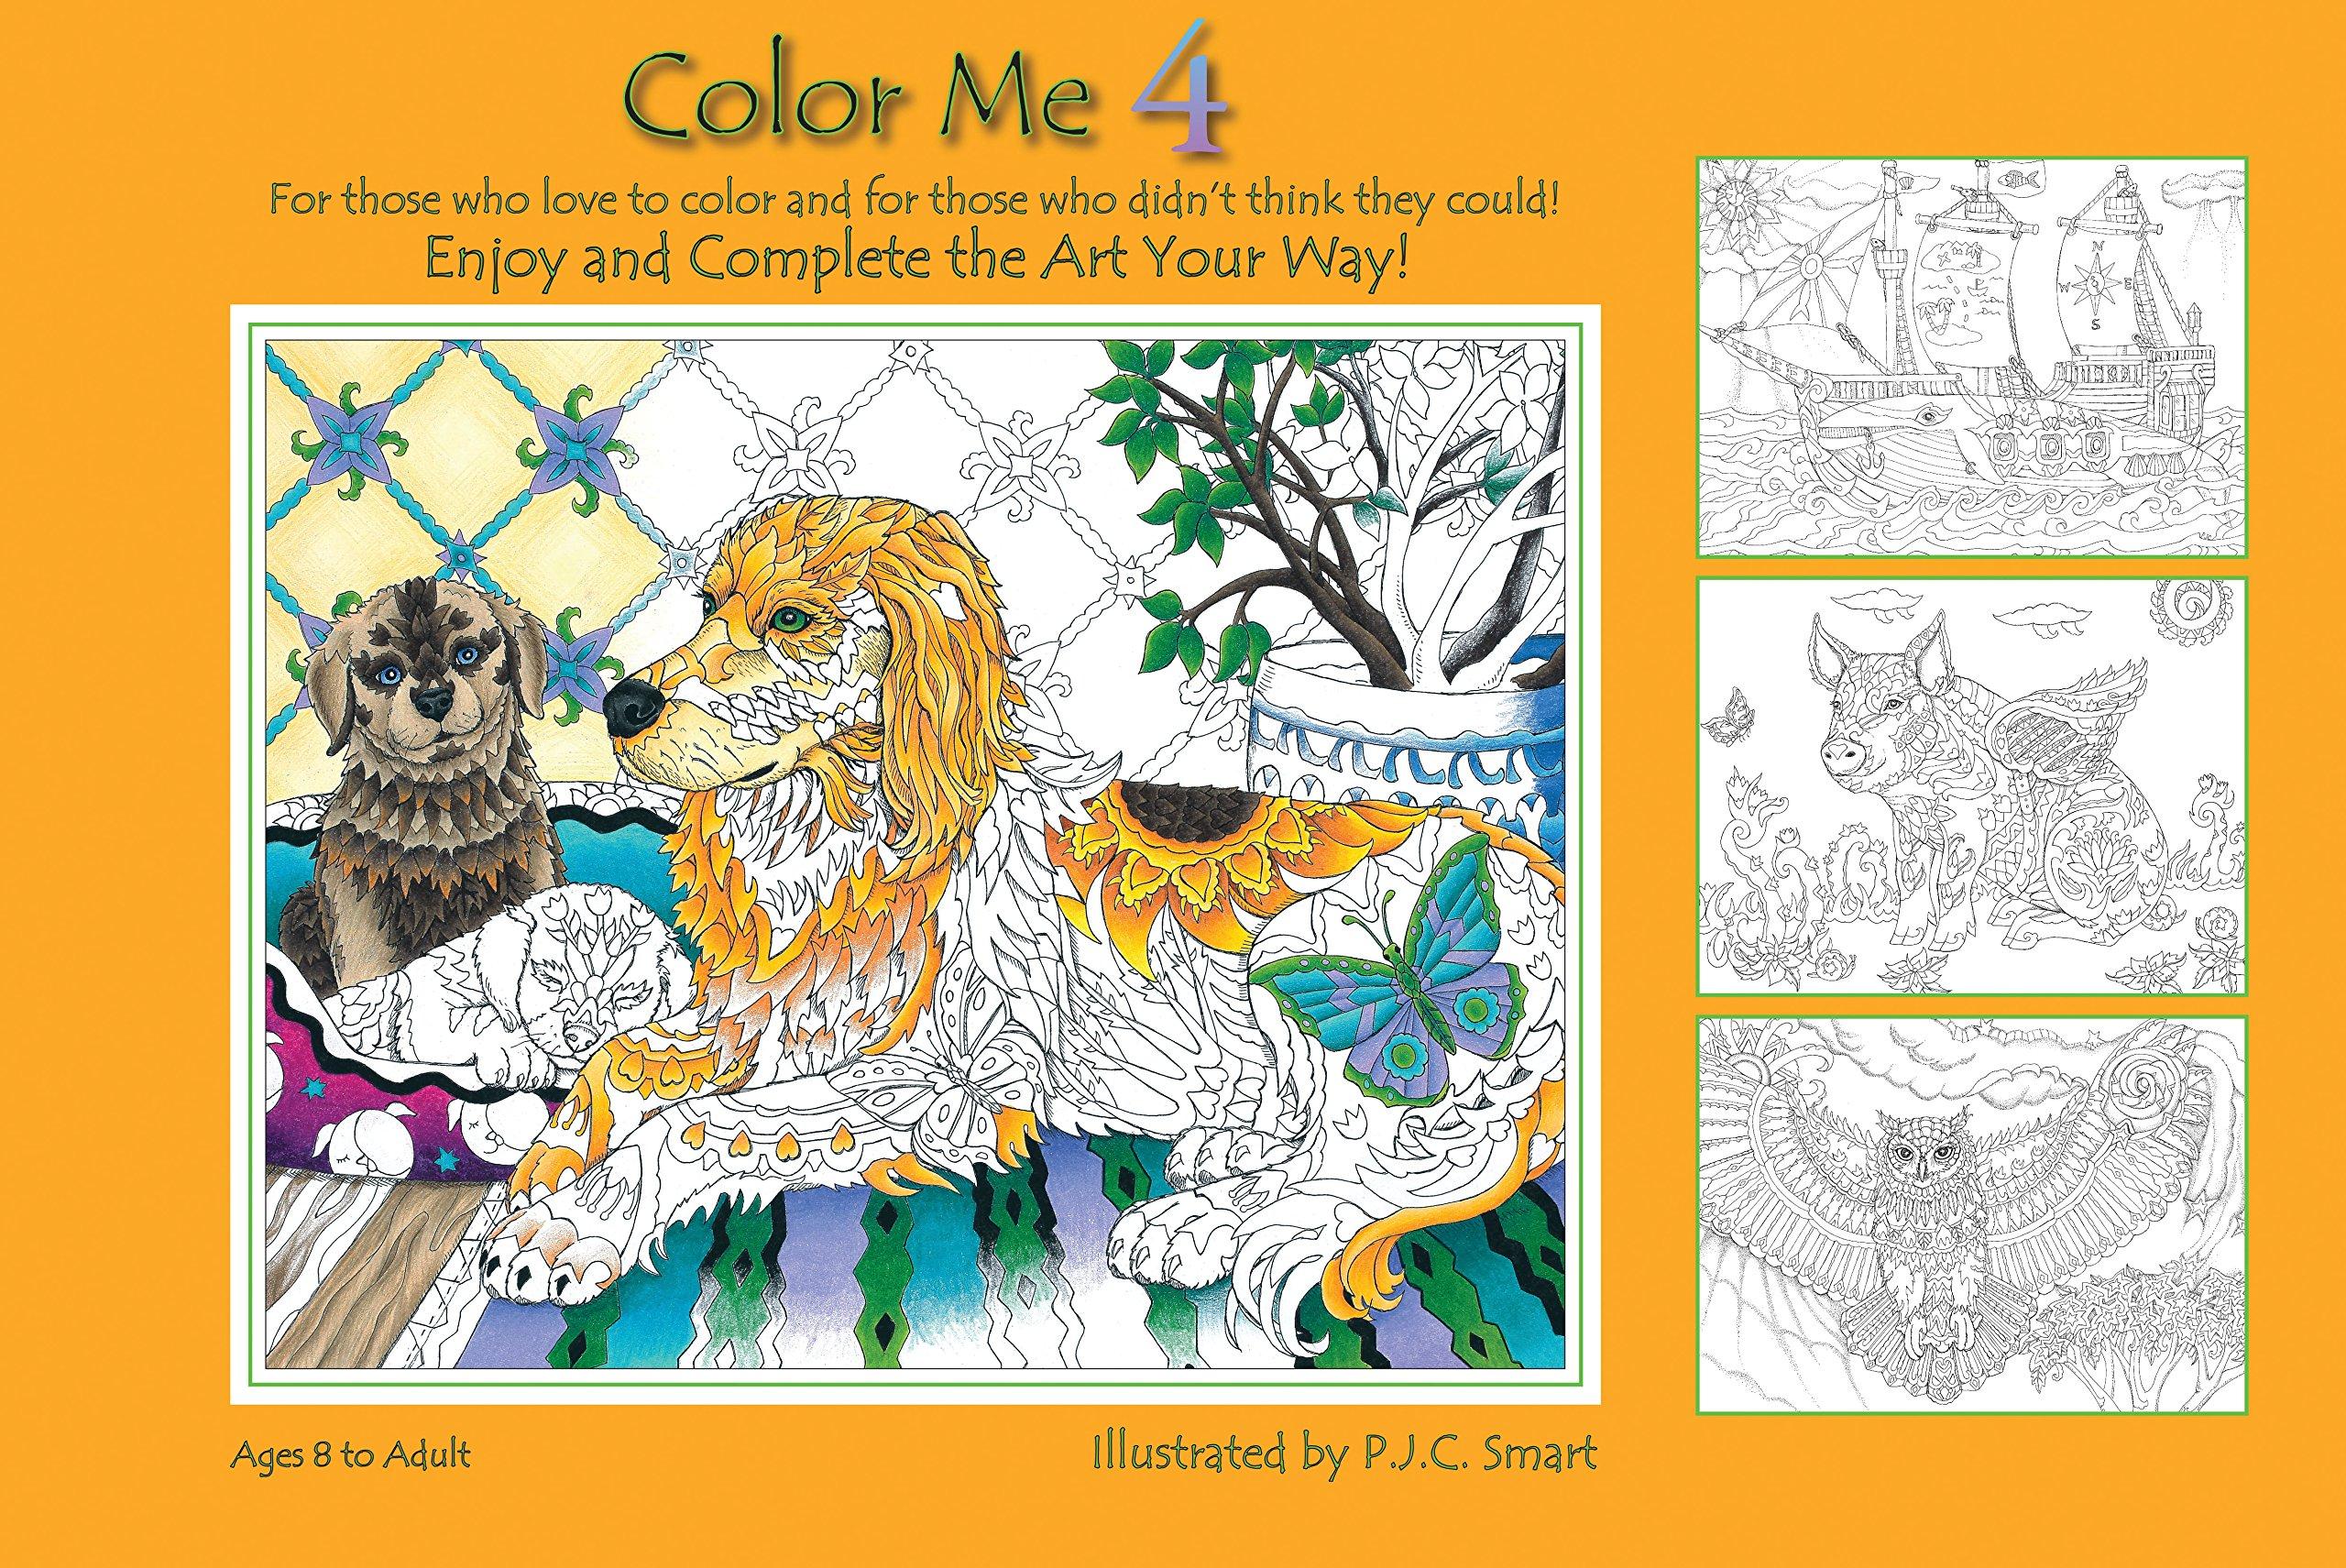 Amazon.com: Color Me Your Way 4 (9780990386018): Pamela Smart: Books